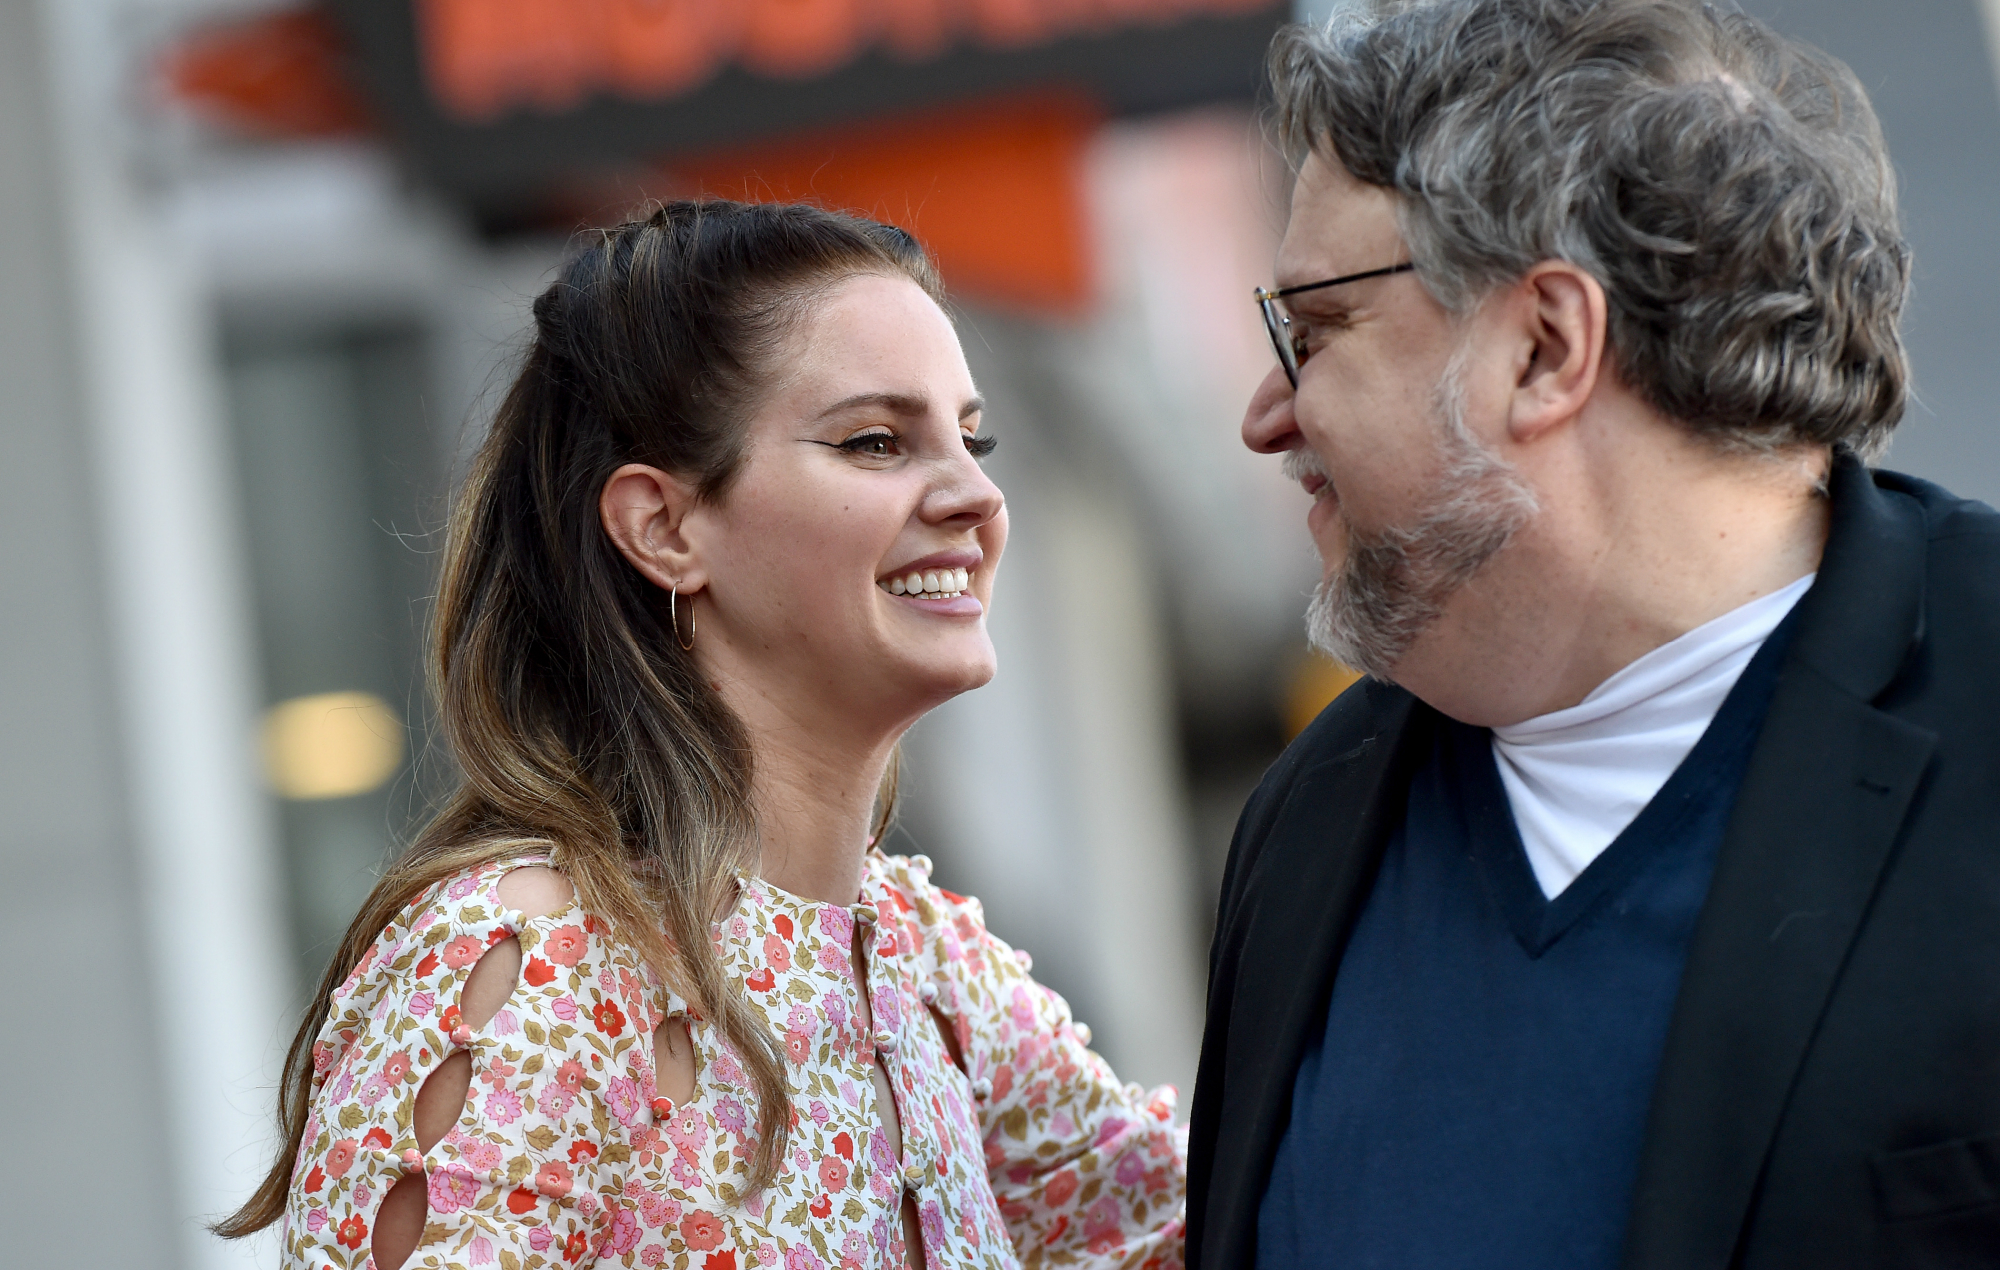 Watch Lana Del Rey Present Guillemero Del Toro With Walk